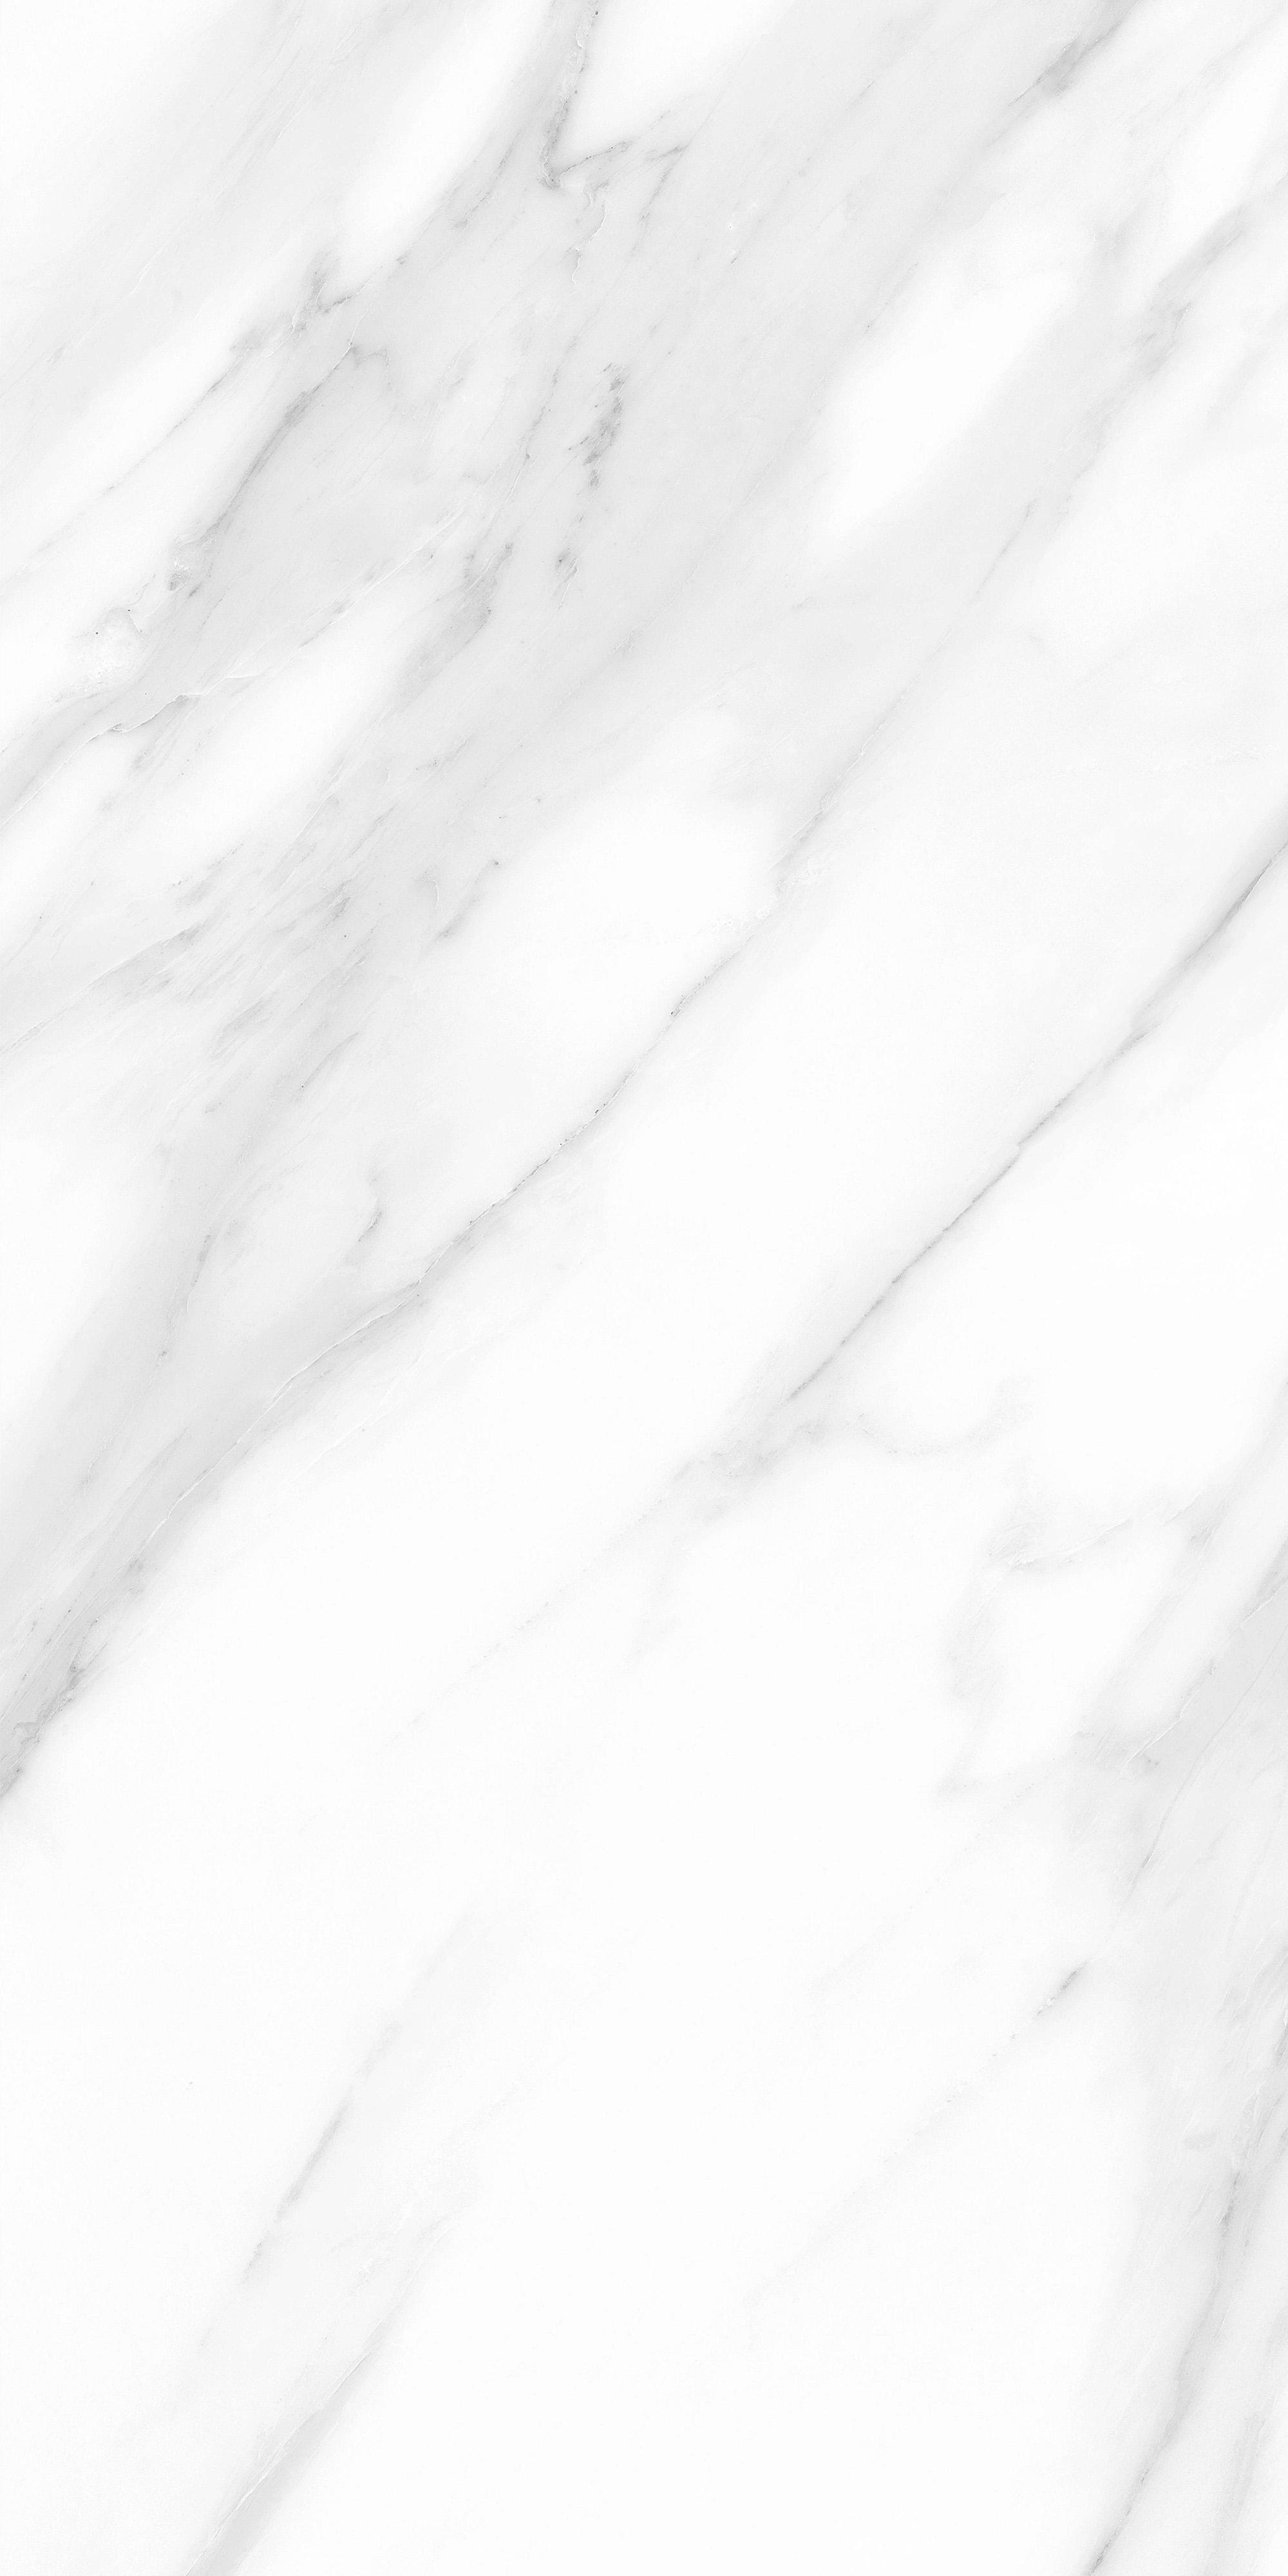 绅士白HPG157179,750x1500mm